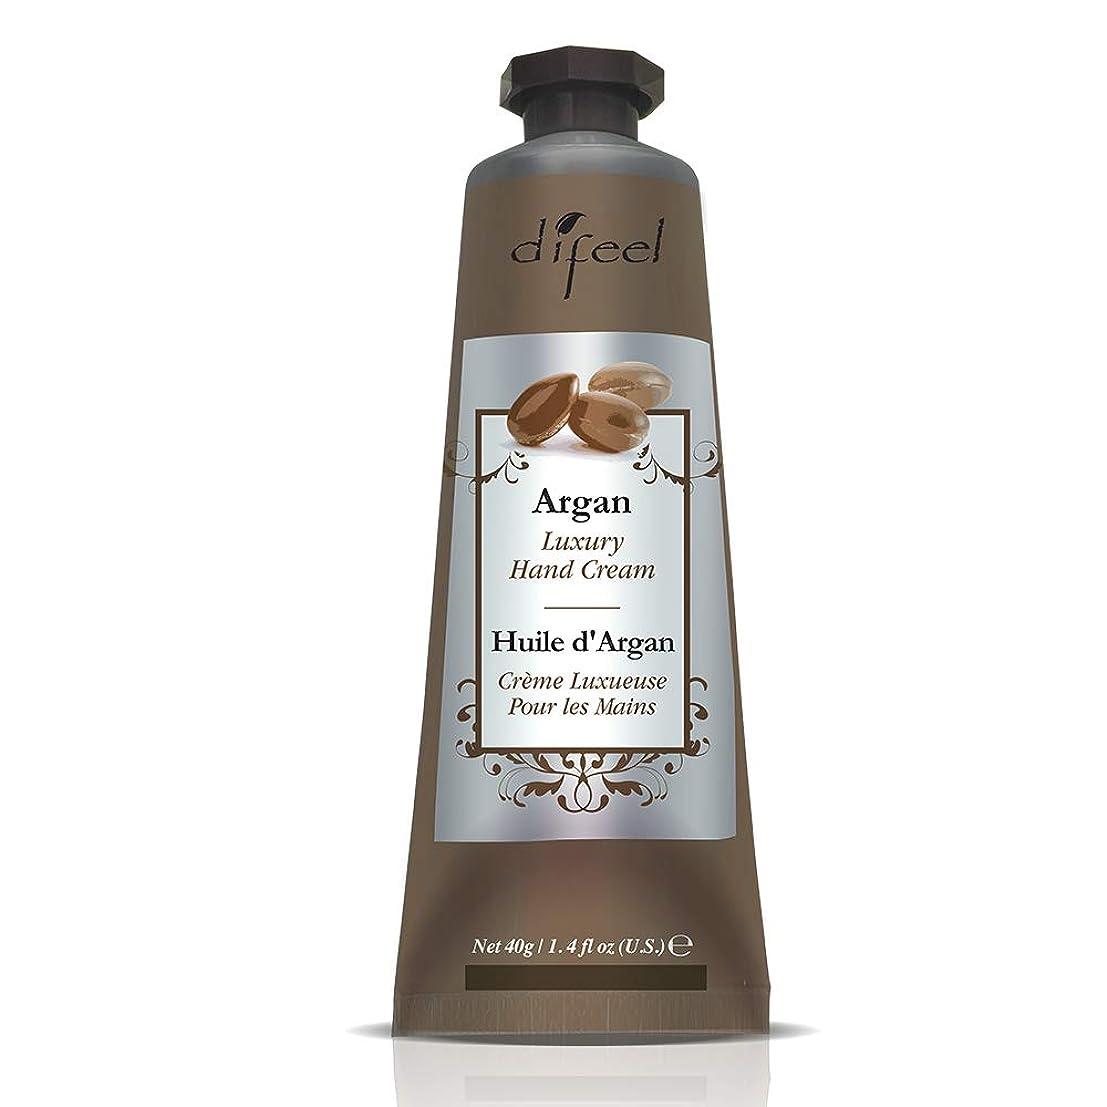 策定する騒々しい排泄するDifeel(ディフィール) アルガン ナチュラル ハンドクリーム 40g ARGAN 12ARG New York 【正規輸入品】